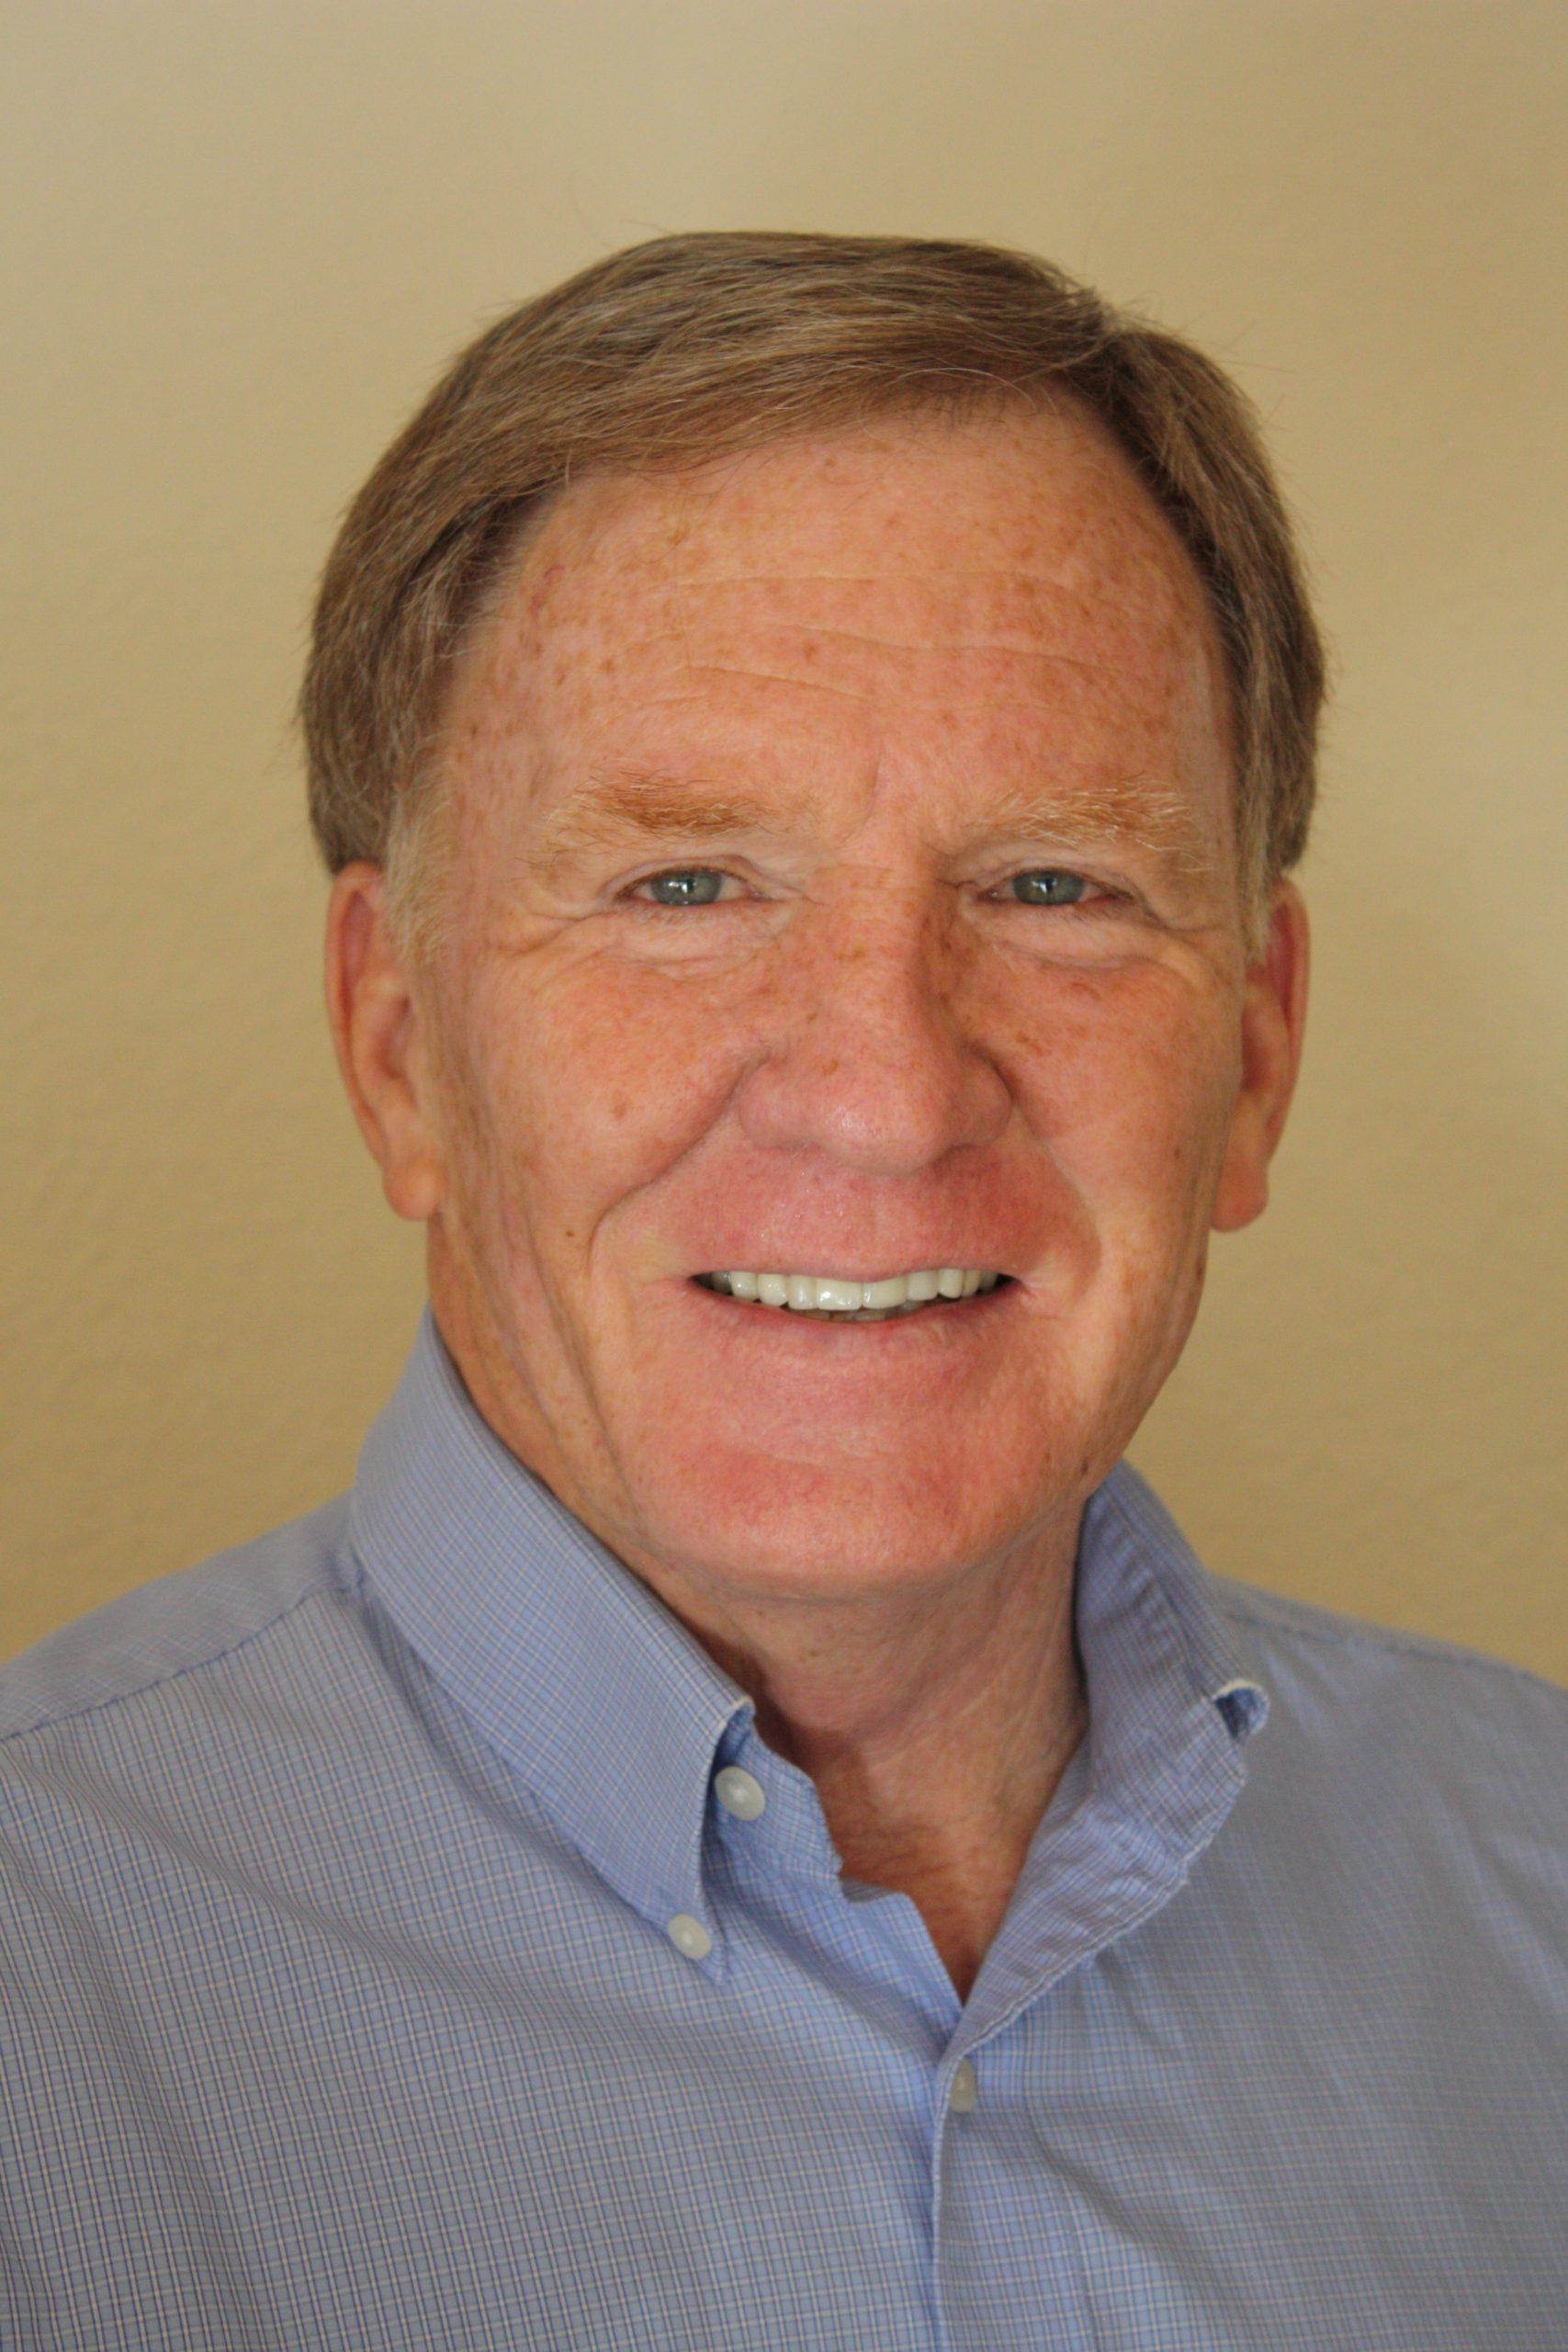 Full color Headshot of Christian Gibbons, founder of the National Center for Economic Gardening